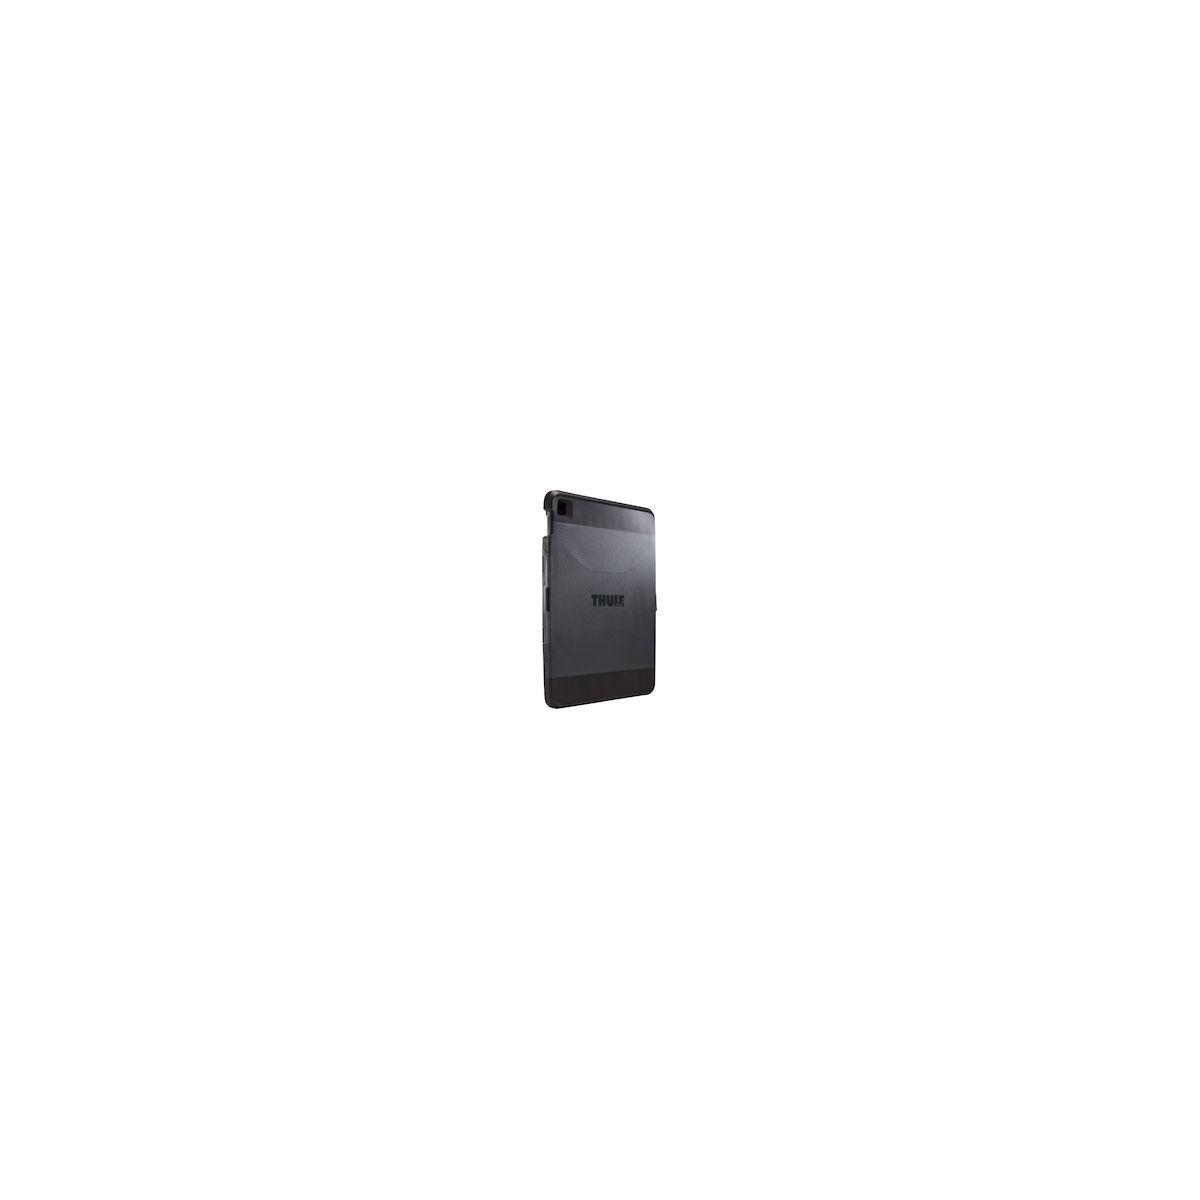 Etui thule ipad air 3 ultra résistant - 20% de remise immédiate avec le code : multi20 (photo)